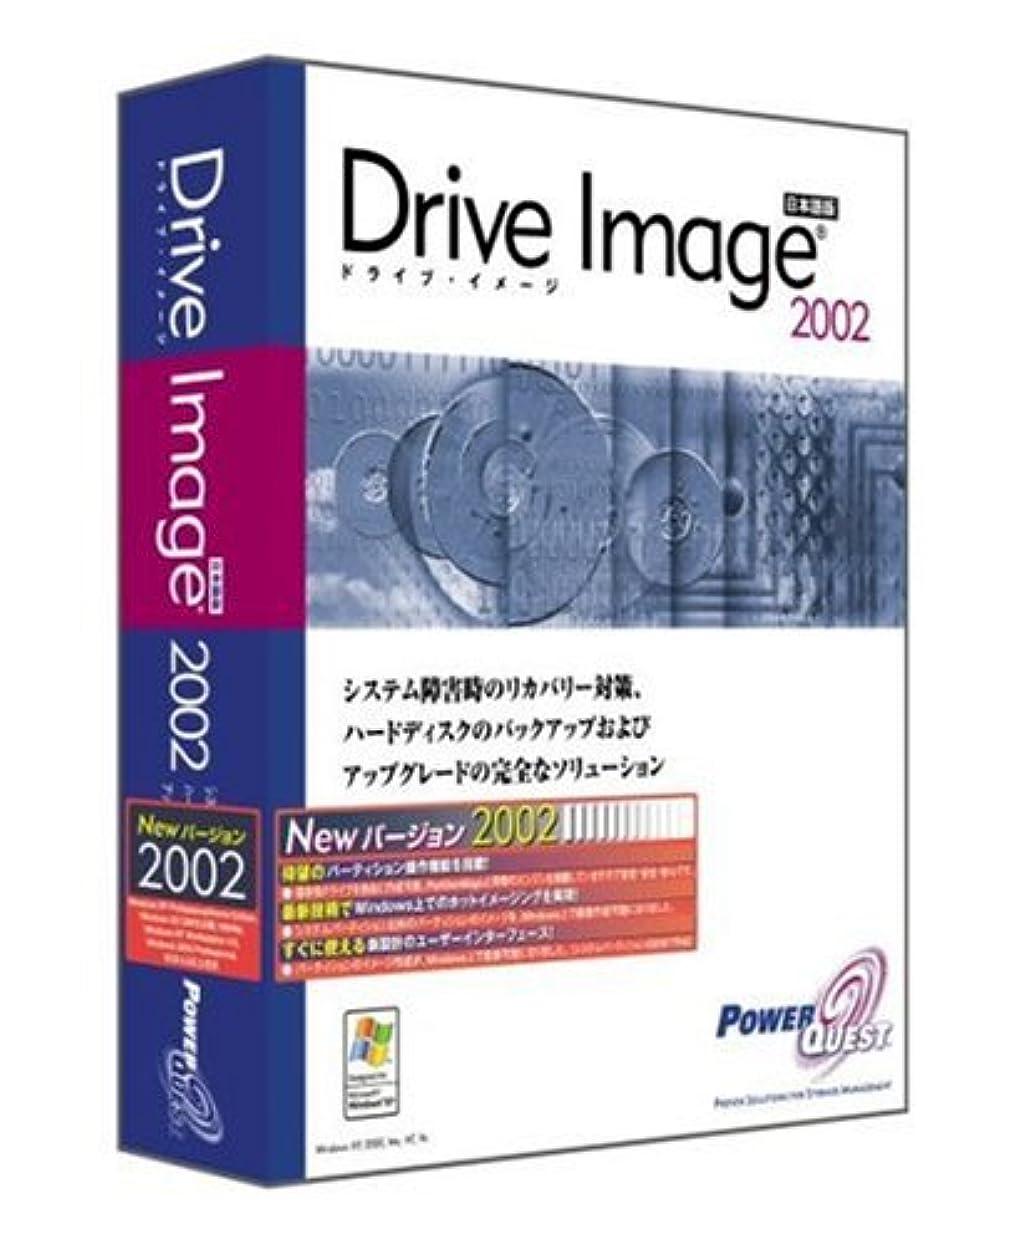 憂慮すべき行う有害なPowerQuest Drive Image 2002 日本語版 キャンペーン版